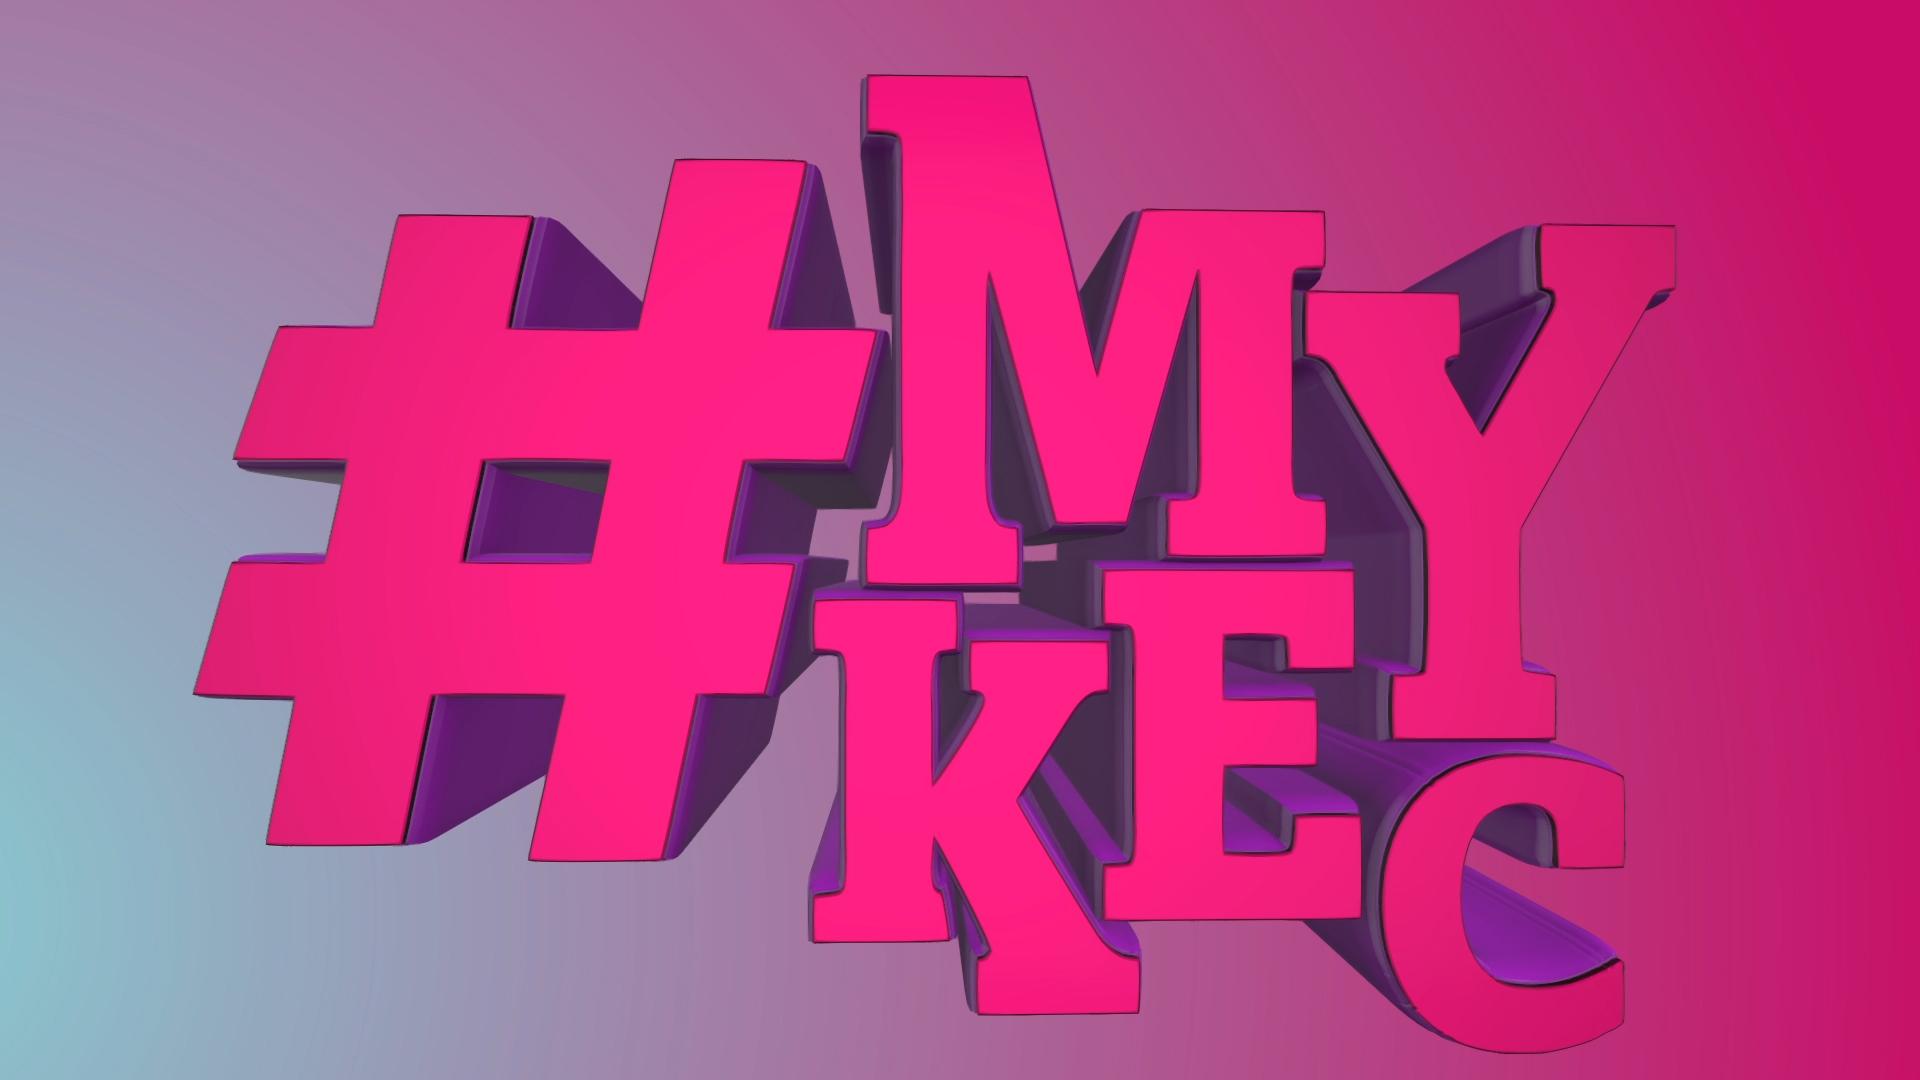 #mykec